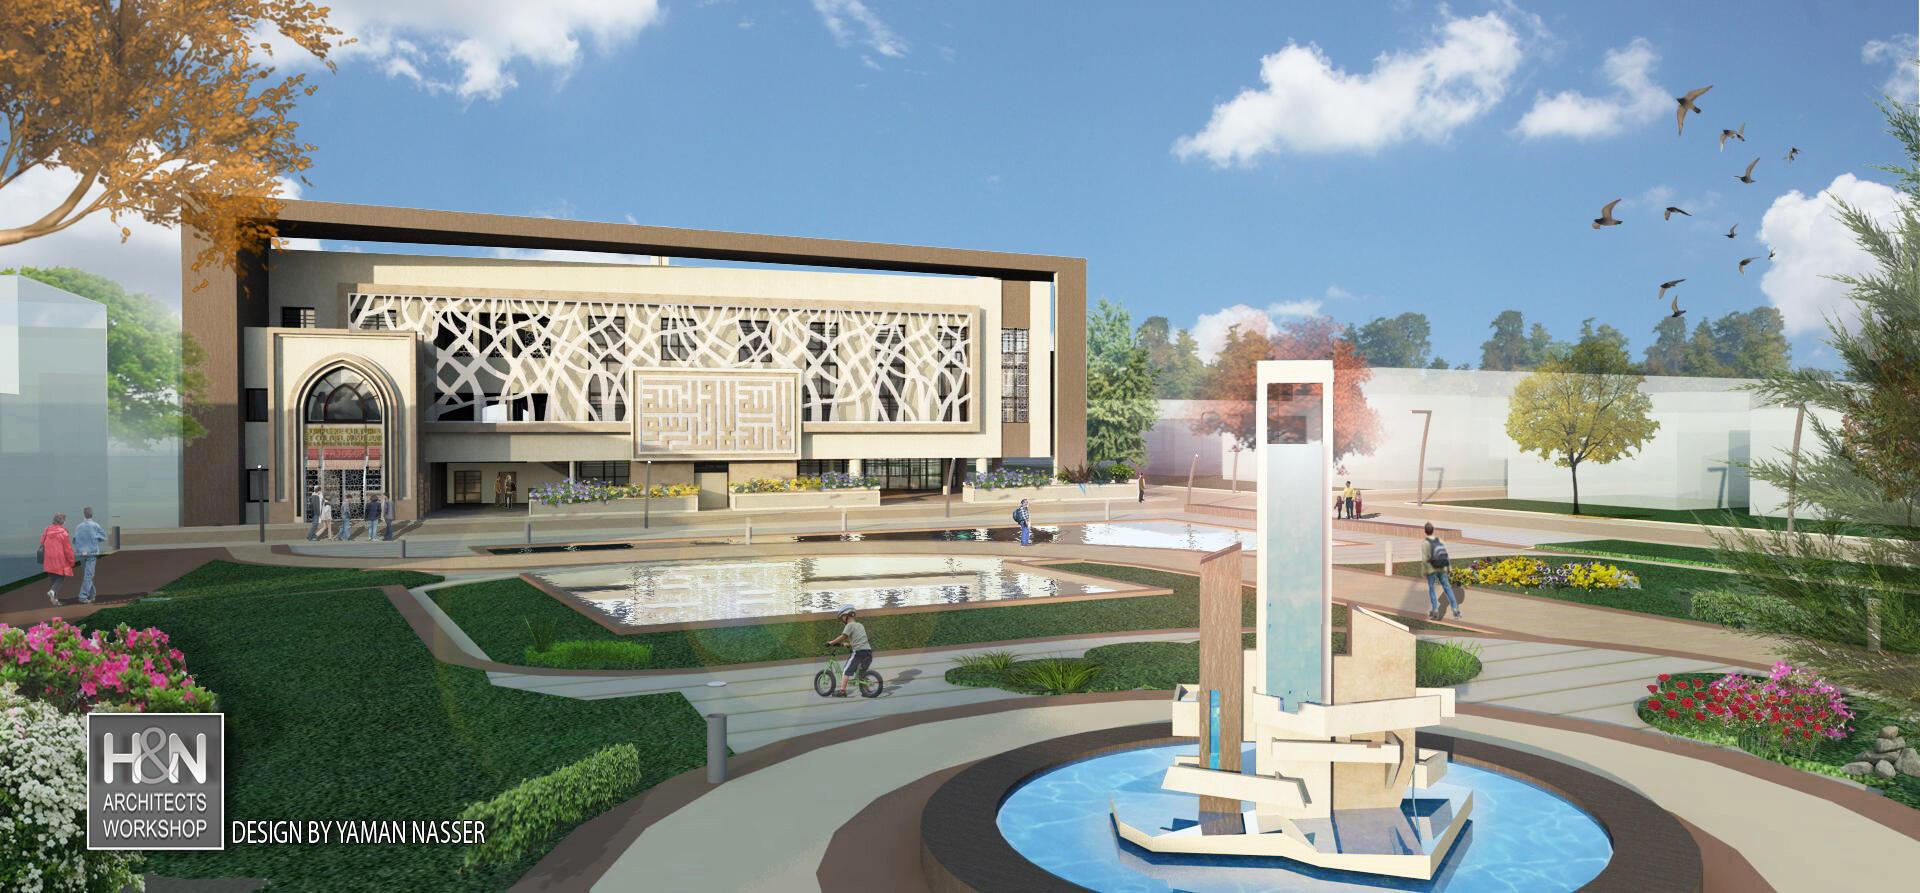 Design par Yaman Nasser, architects Workshop Sarl.